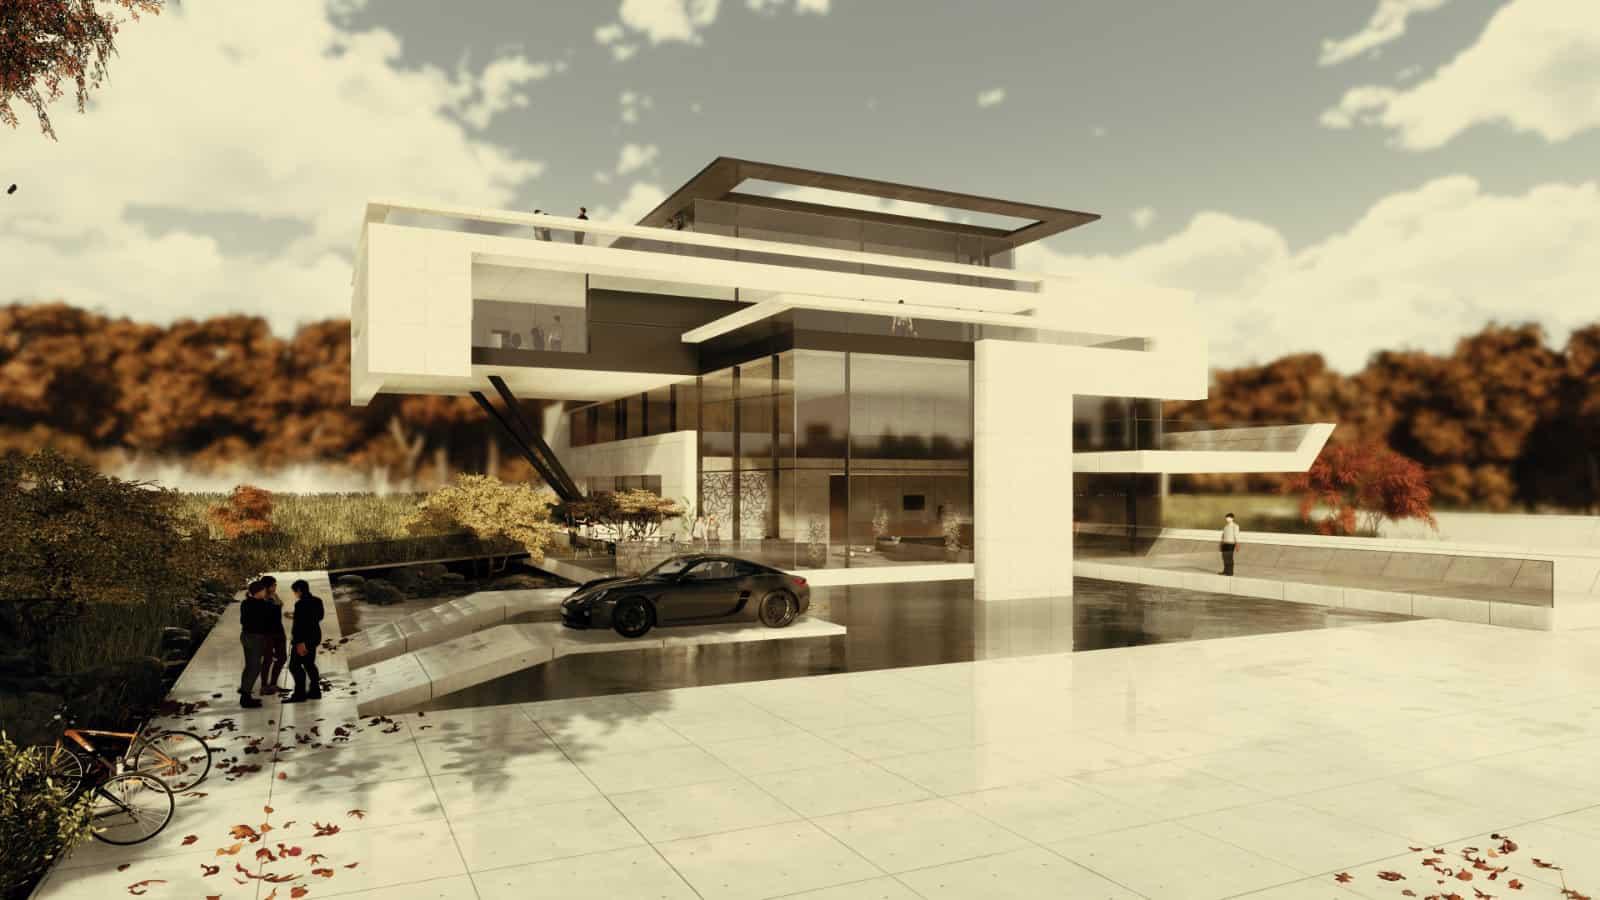 Verwaltungsgebäude moderne Architektur